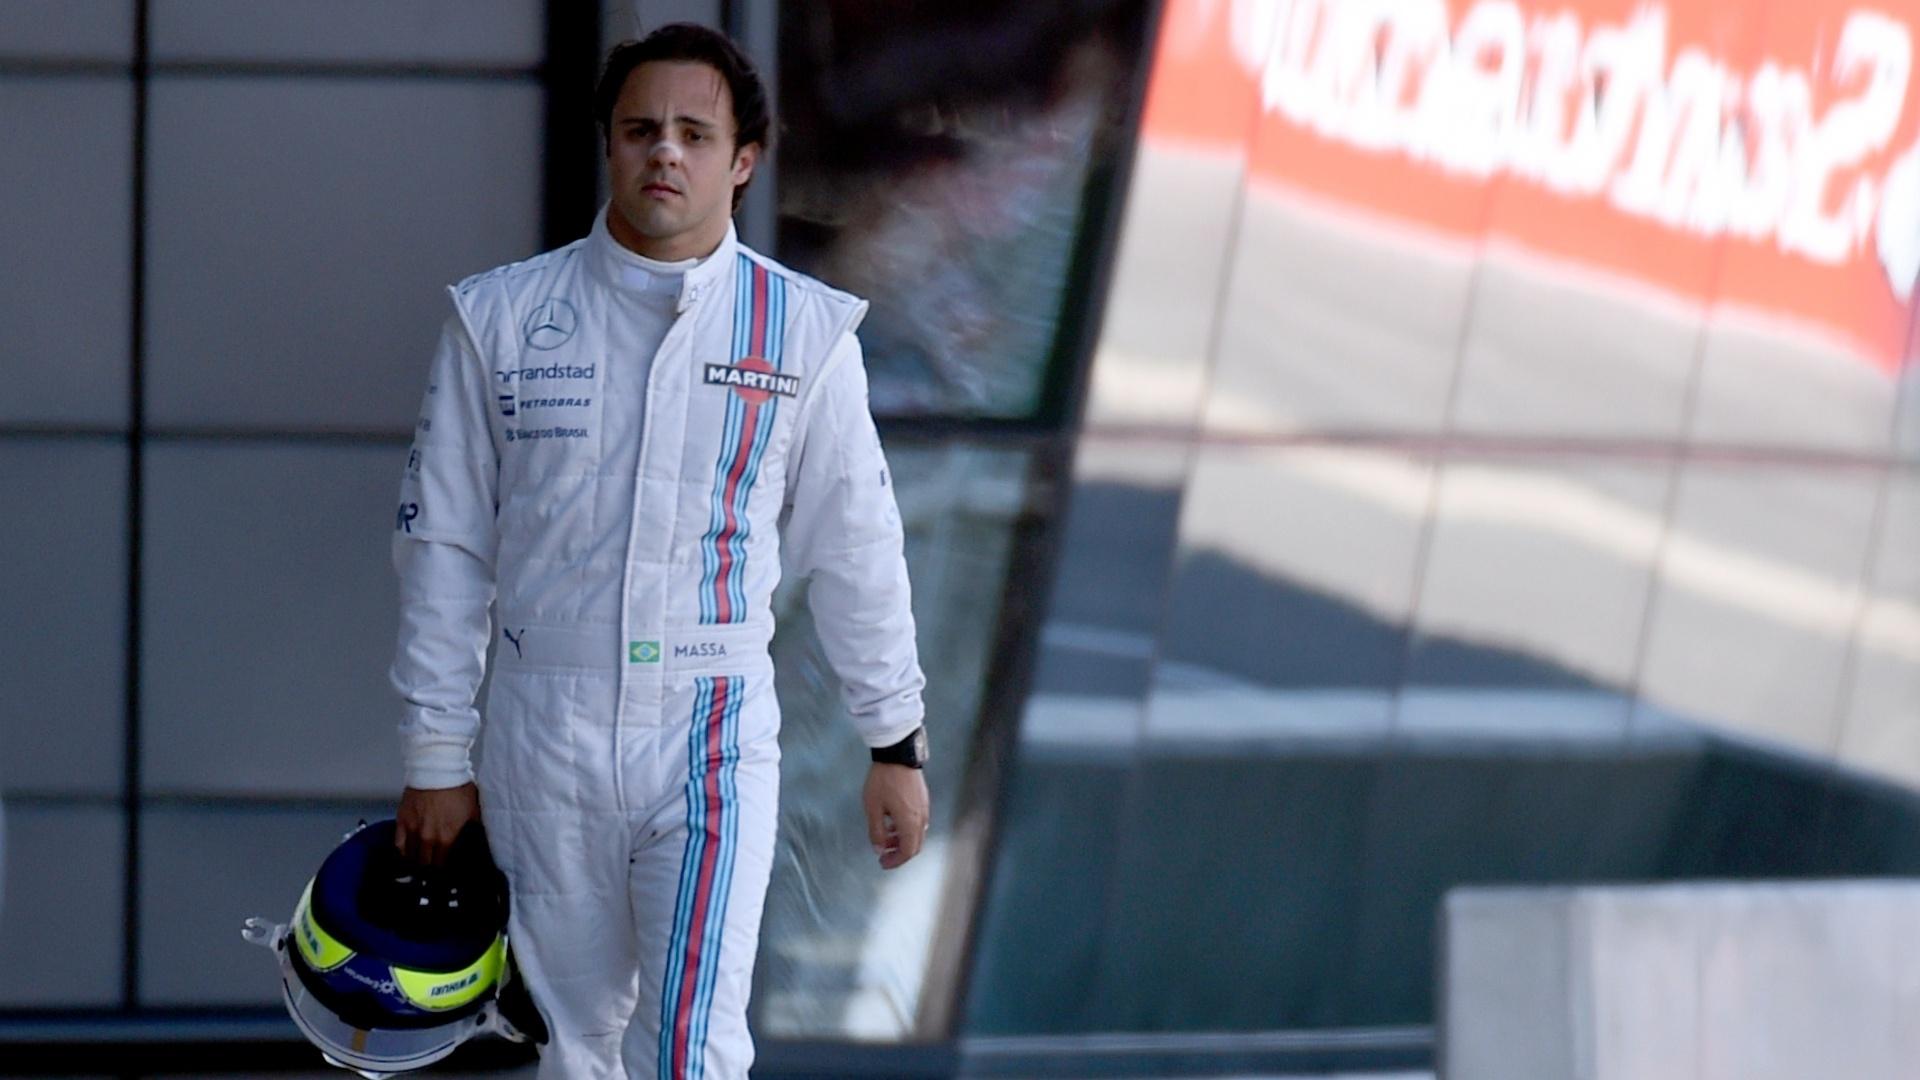 Massa, desolado, caminha em direção ao box da Williams após perder a direção do carro e bater na primeira sessão de treinos livres para o GP da Inglaterra